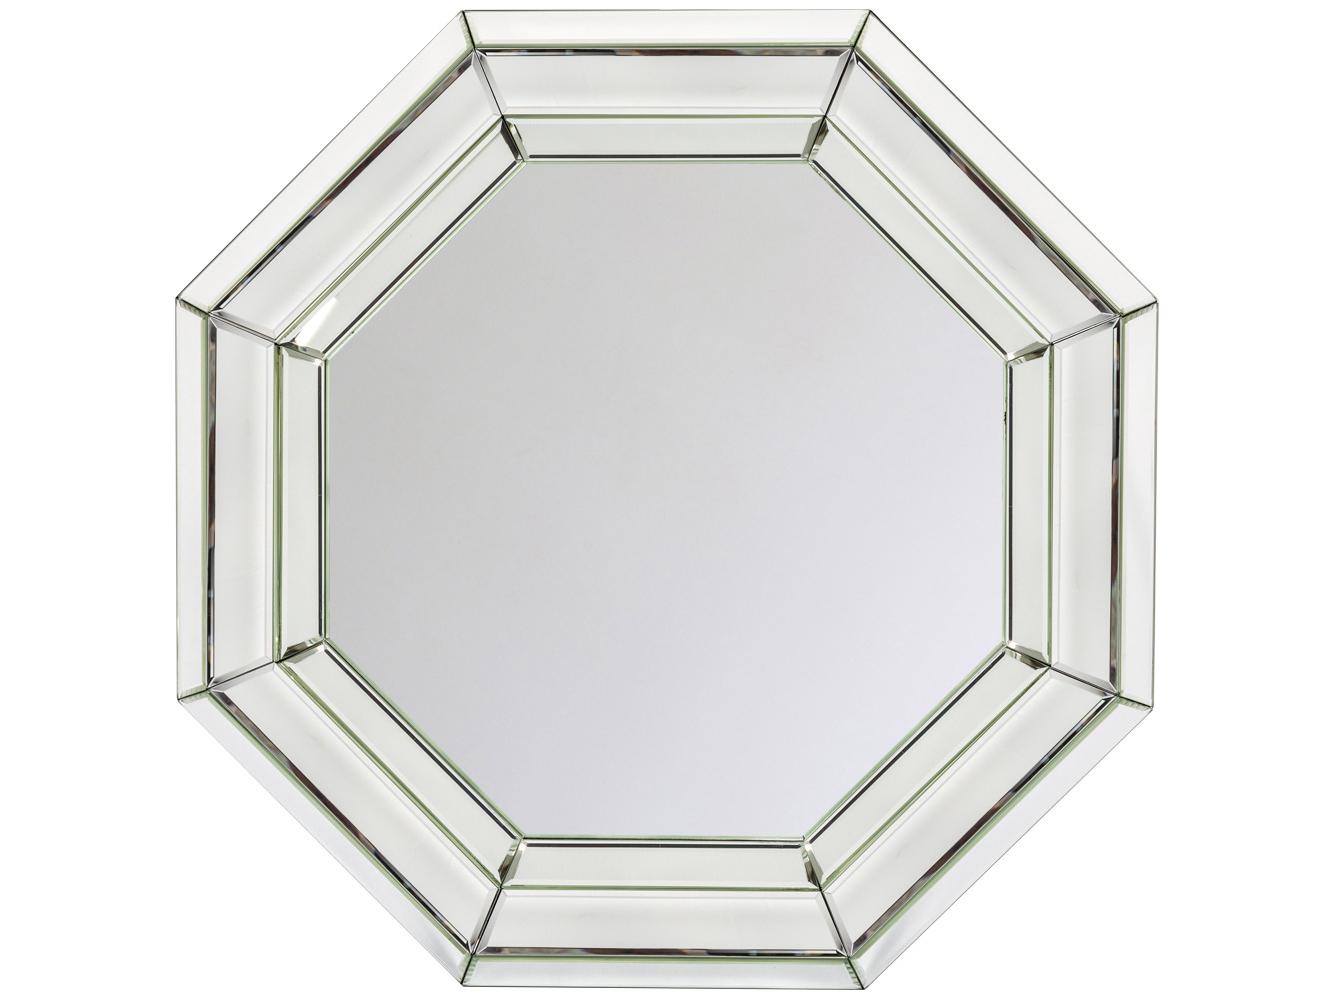 Настенное зеркало «Карсон»Настенные зеркала<br>&amp;quot;Всё гениальное - просто&amp;quot;, - древняя мудрость отразила идеальную формулу сегодняшней интерьерной моды. Опрятную геометричную форму зеркала &amp;quot;Карсон&amp;quot; награждает объемная граненая рама. Зеркальный слой рамы, чутко реагирующий на свет, придает отражениям глубину и объемность. Помимо дизайнерской гармонии, зеркало заряжено позитивным символизмом. Правильный восьмиугольник, или октаэдр, означает равновесие, порядок и созидание. В эпосе октаэдр чтится путеводной звездой и знаком Вечности, в геральдике - символом славы и света.<br><br>Material: МДФ<br>Ширина см: 75.0<br>Высота см: 75.0<br>Глубина см: 6.0